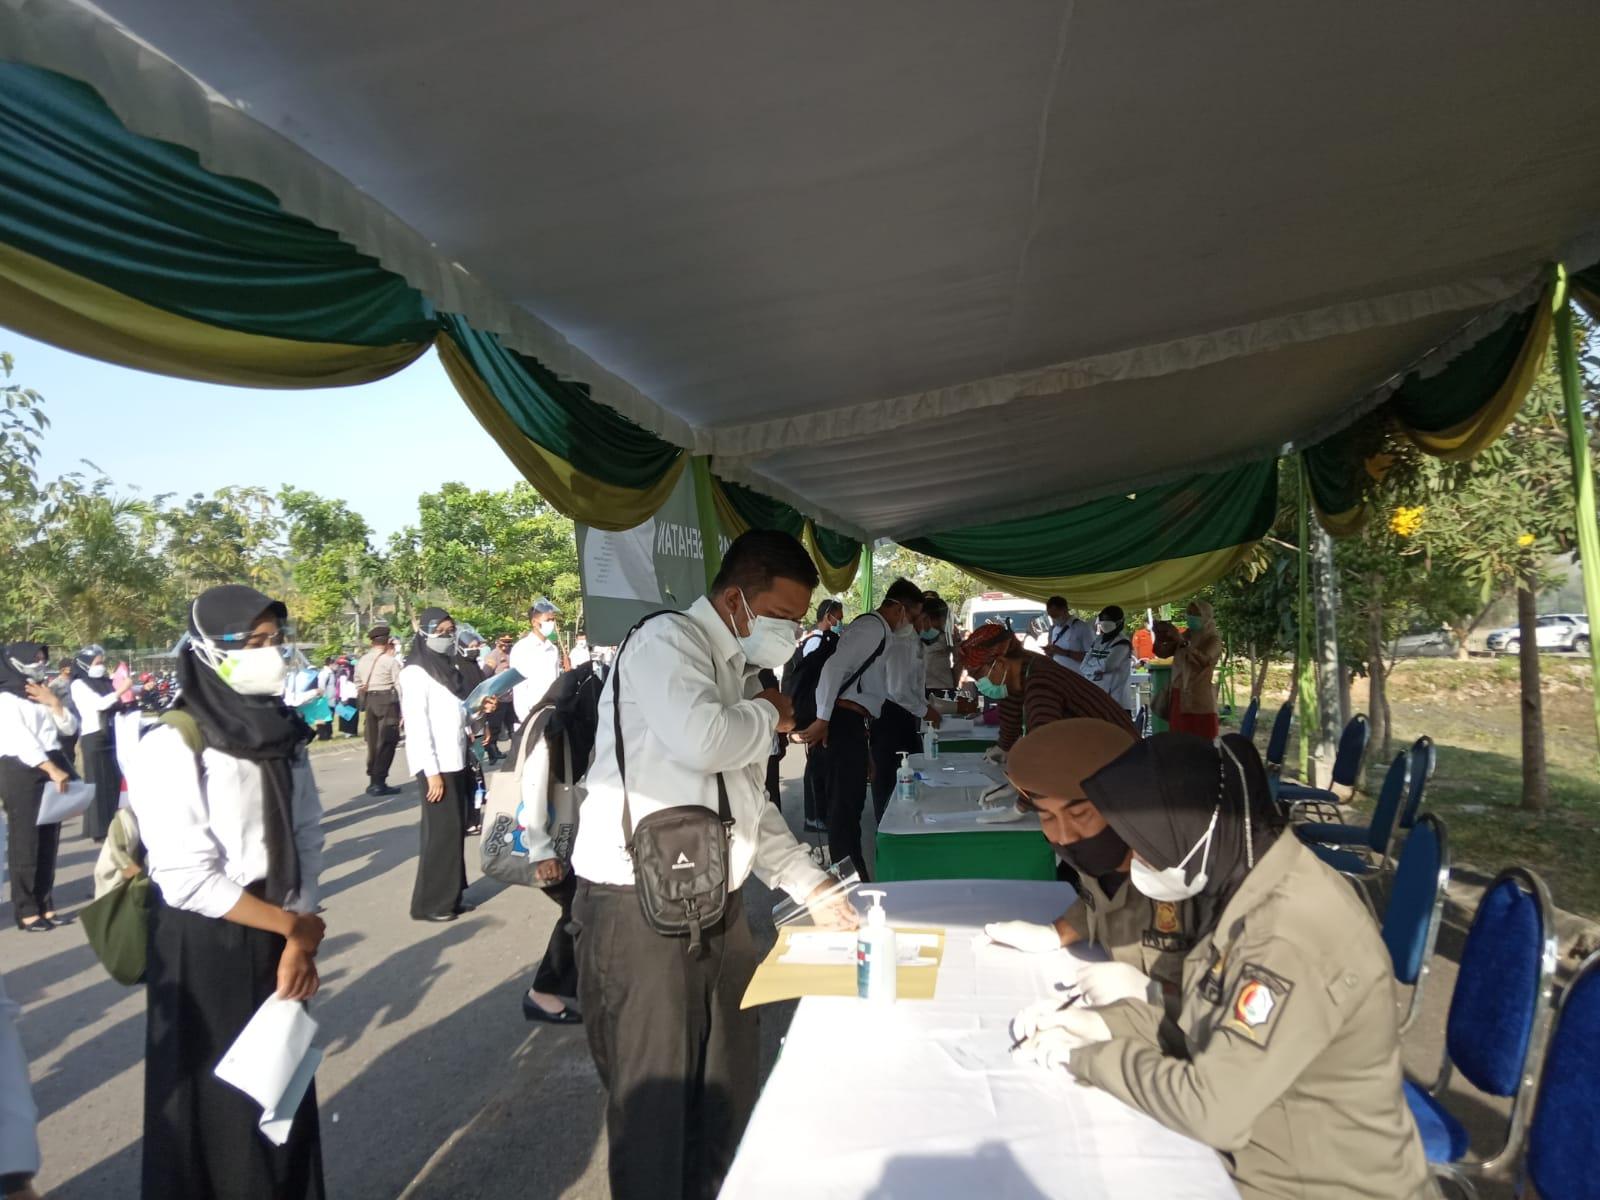 Peserta tes SKD CPNS saat melakukan proses registrasi sebelum memasuki ruang tes di Gedung Olahraga (GOR) Dabonsia Desa Ngumpakdalem, Kecamatan Dander, Kabupaten Bojonegoro. (Foto: Istimewa/Tugu Jatim)